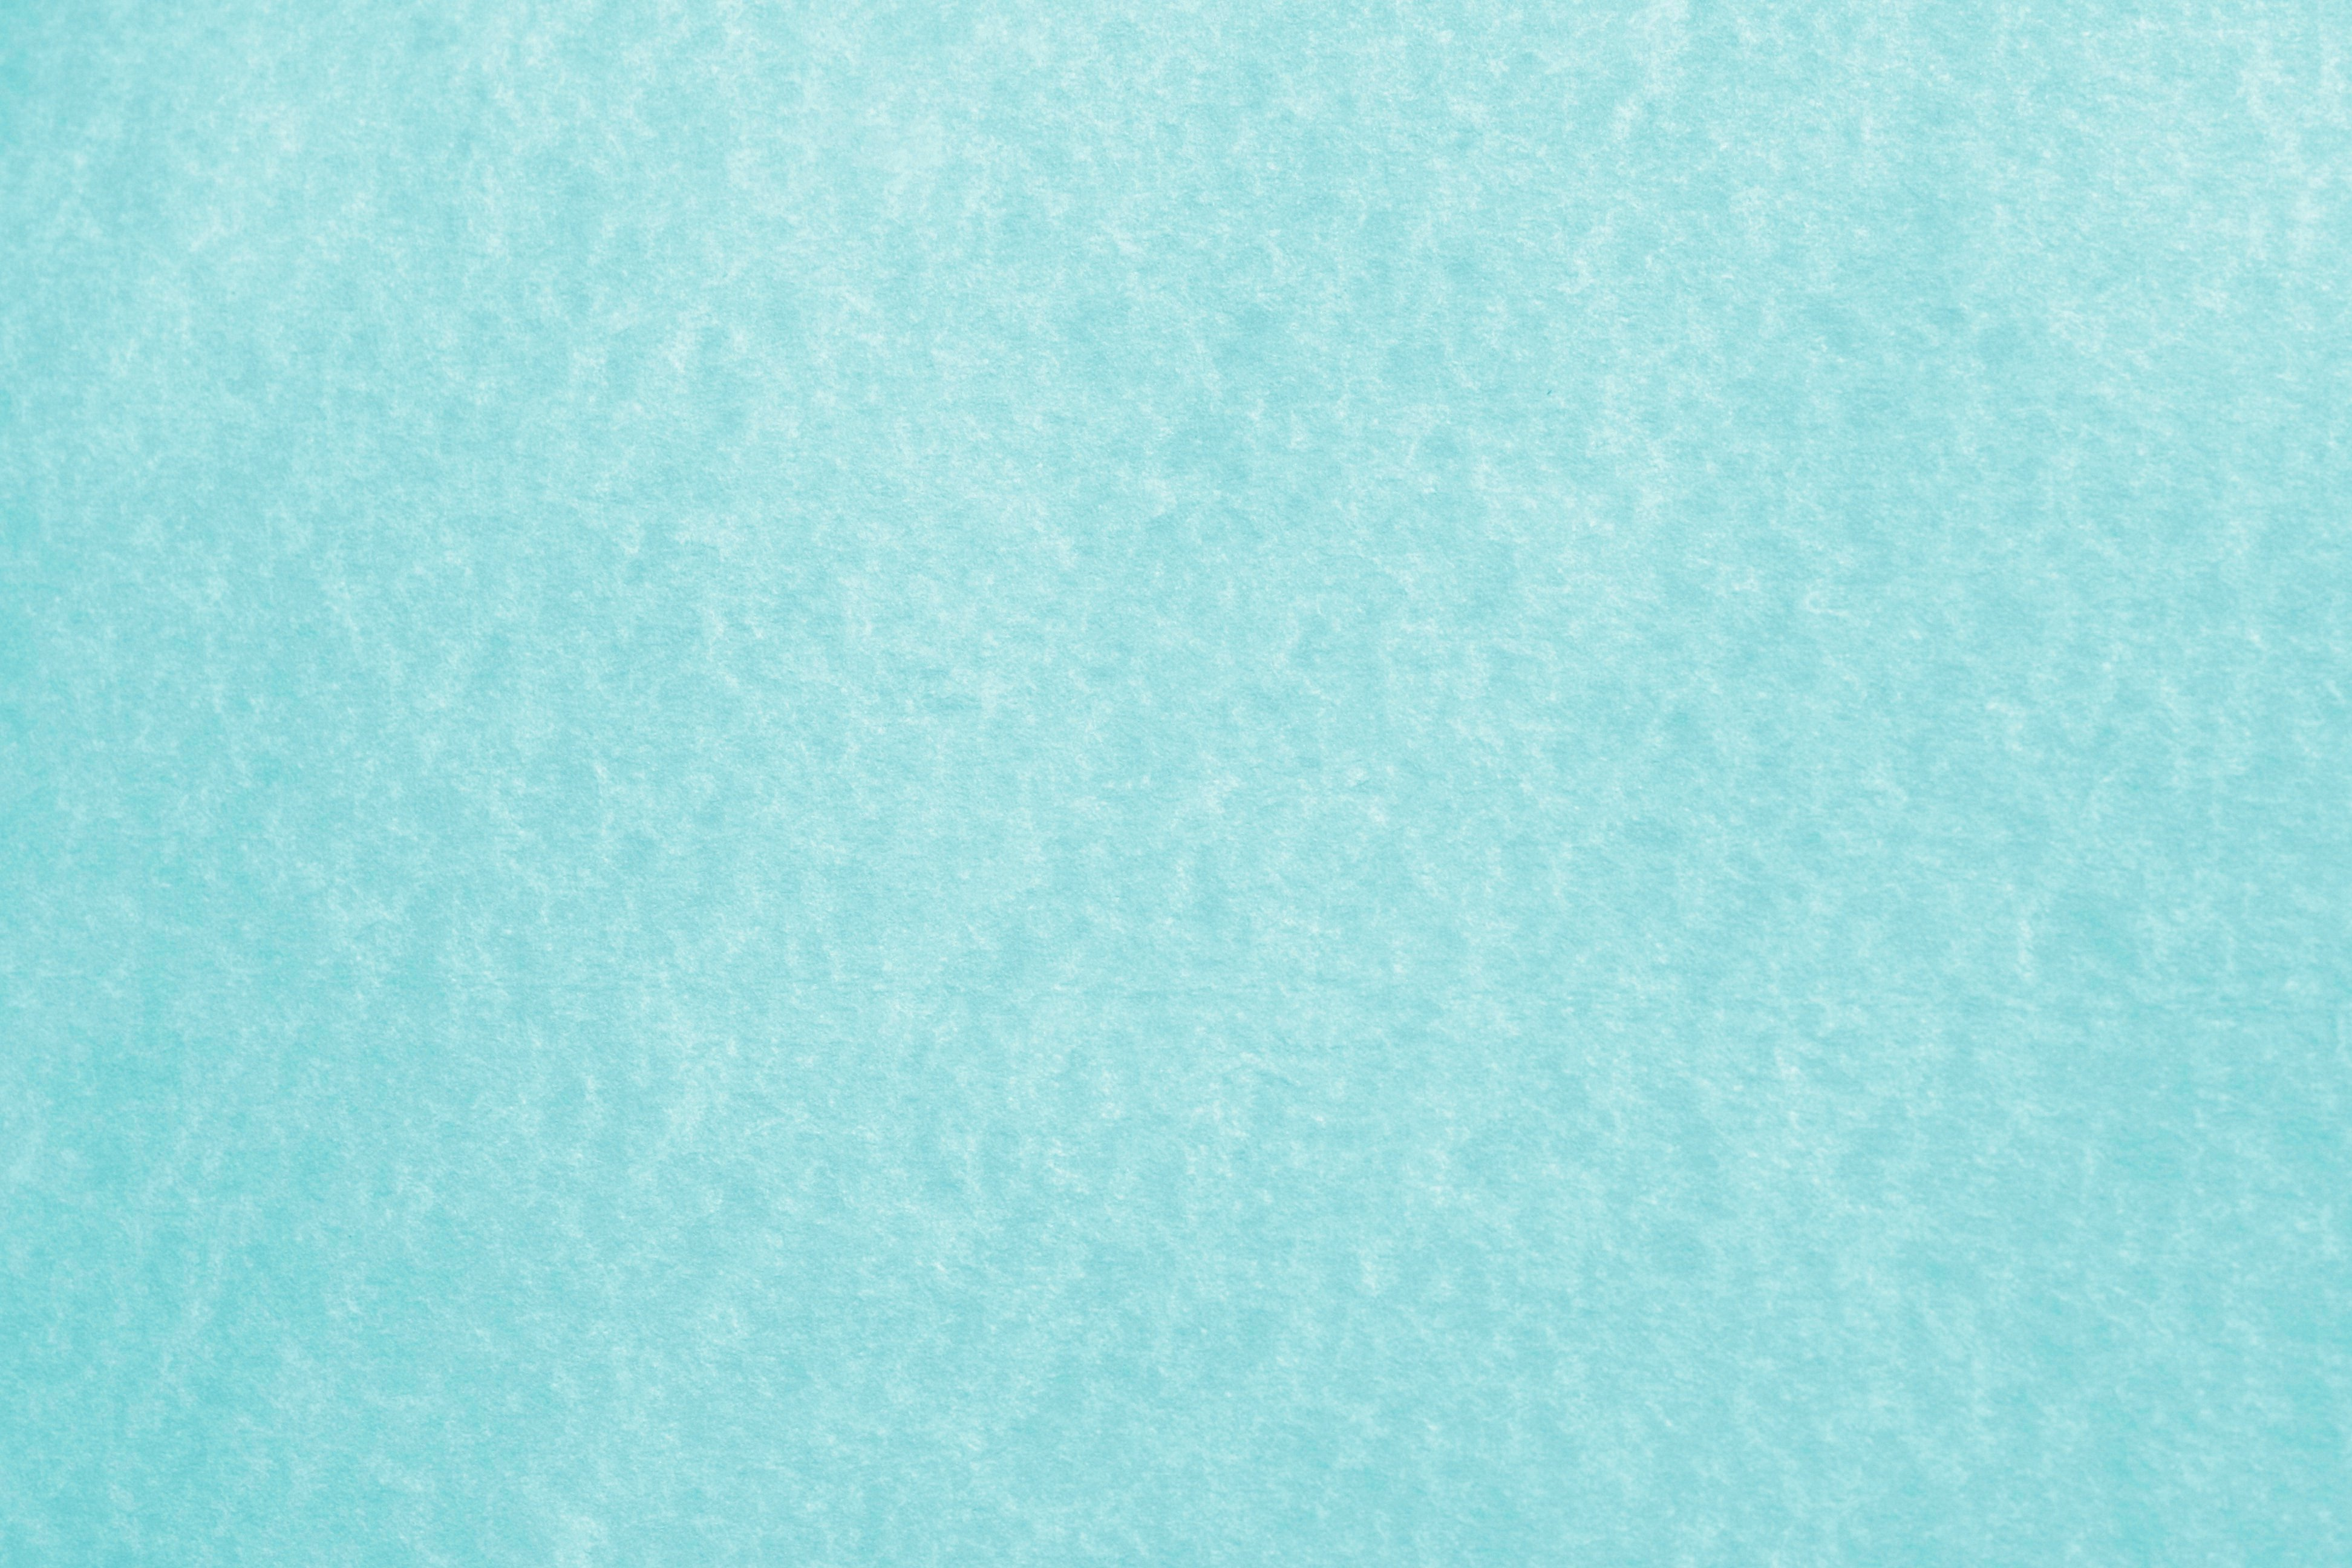 Turquoise Parchment Paper Texture Picture Photograph Photos 3888x2592